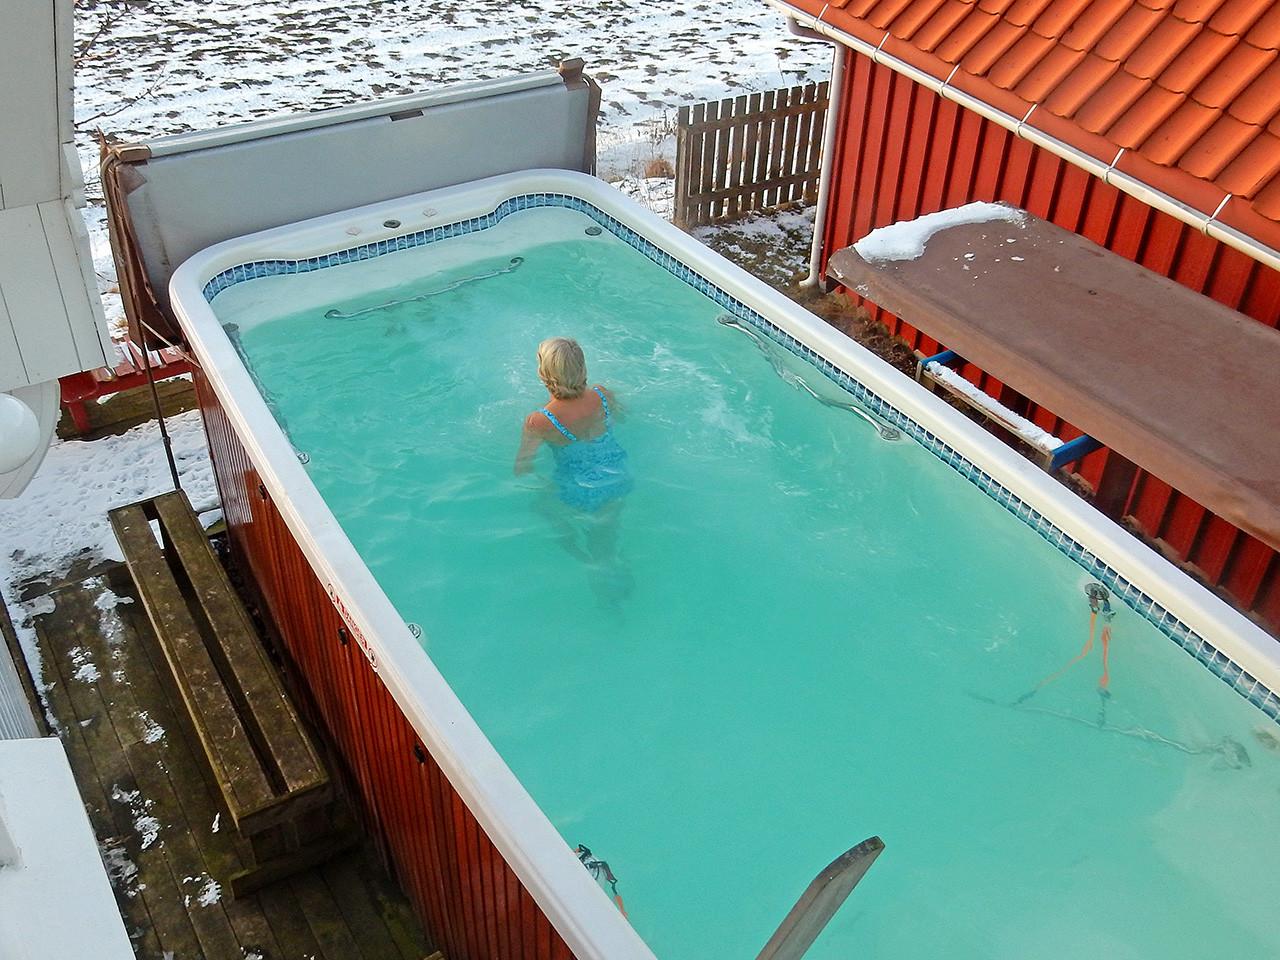 Rekreasjon i swimspa og motstrømsbasseng - spa basseng for bruk inne og utendørs